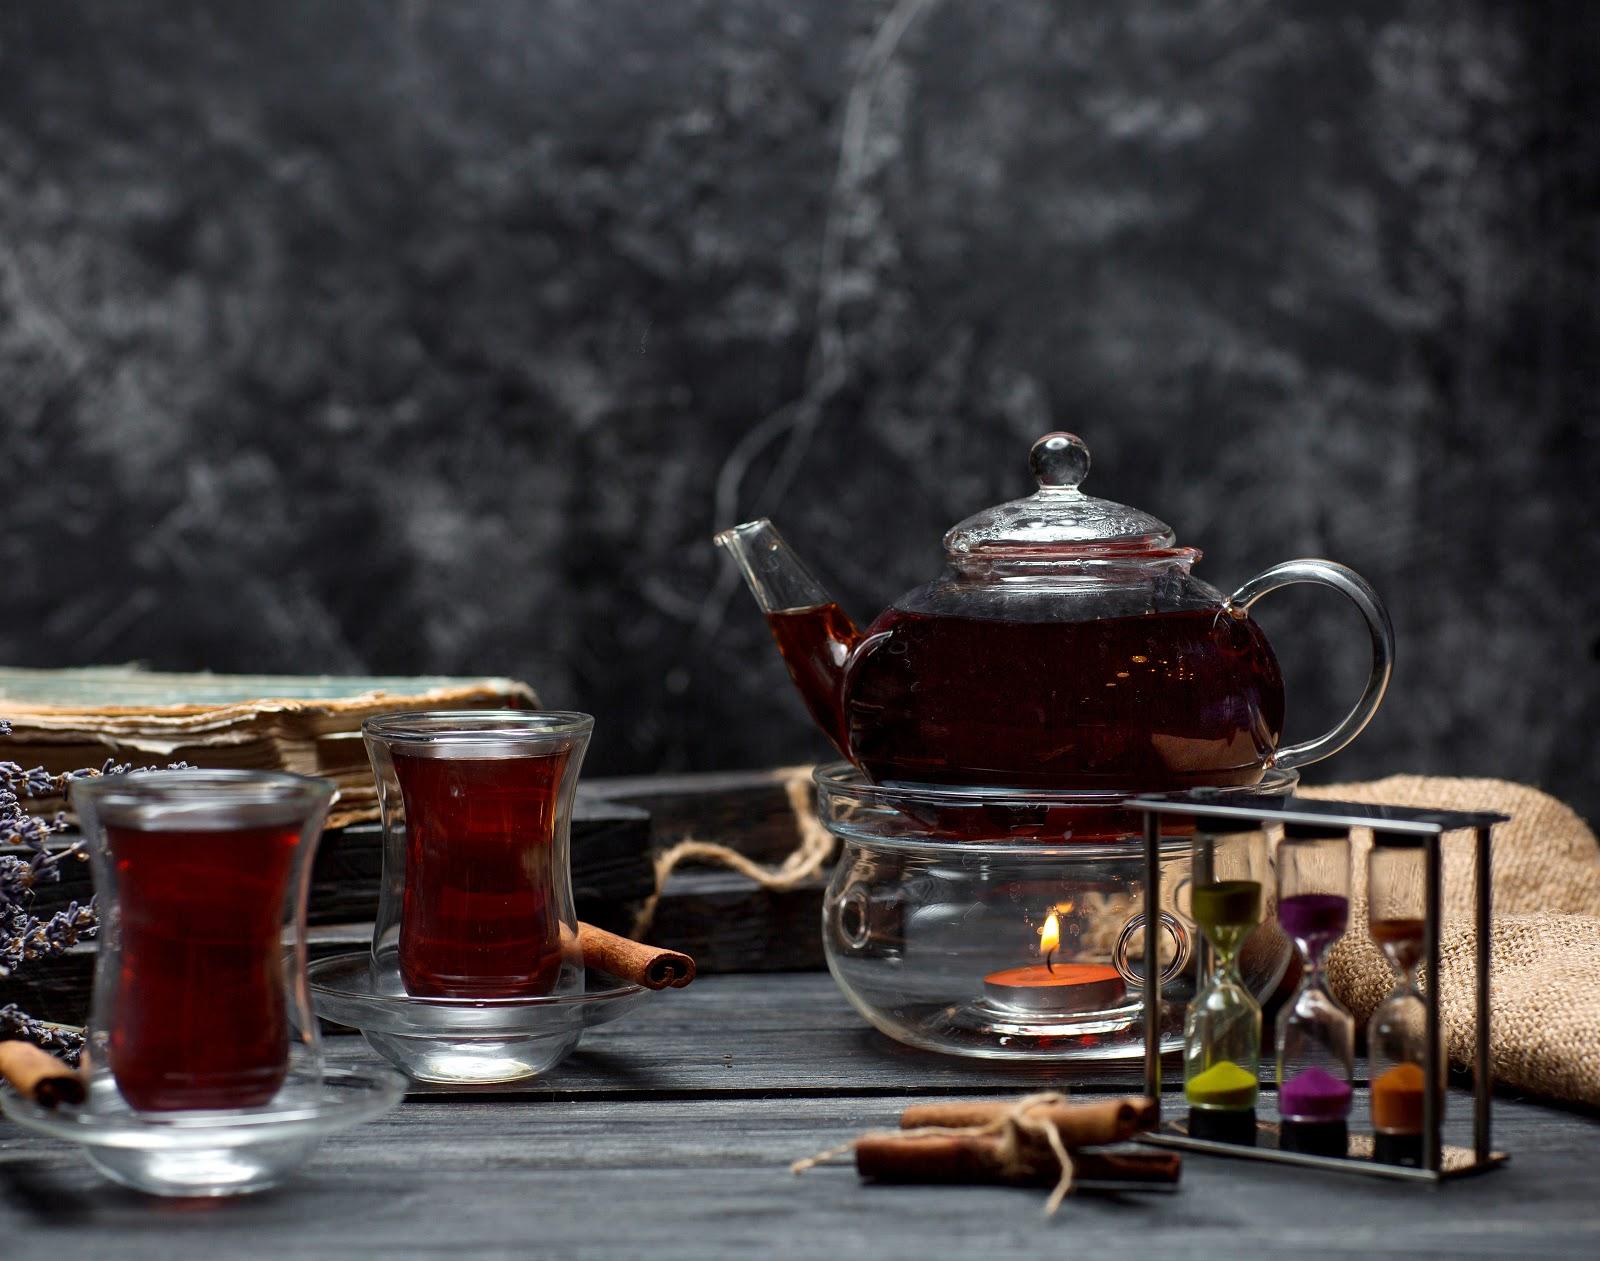 keemun black tea in kettle